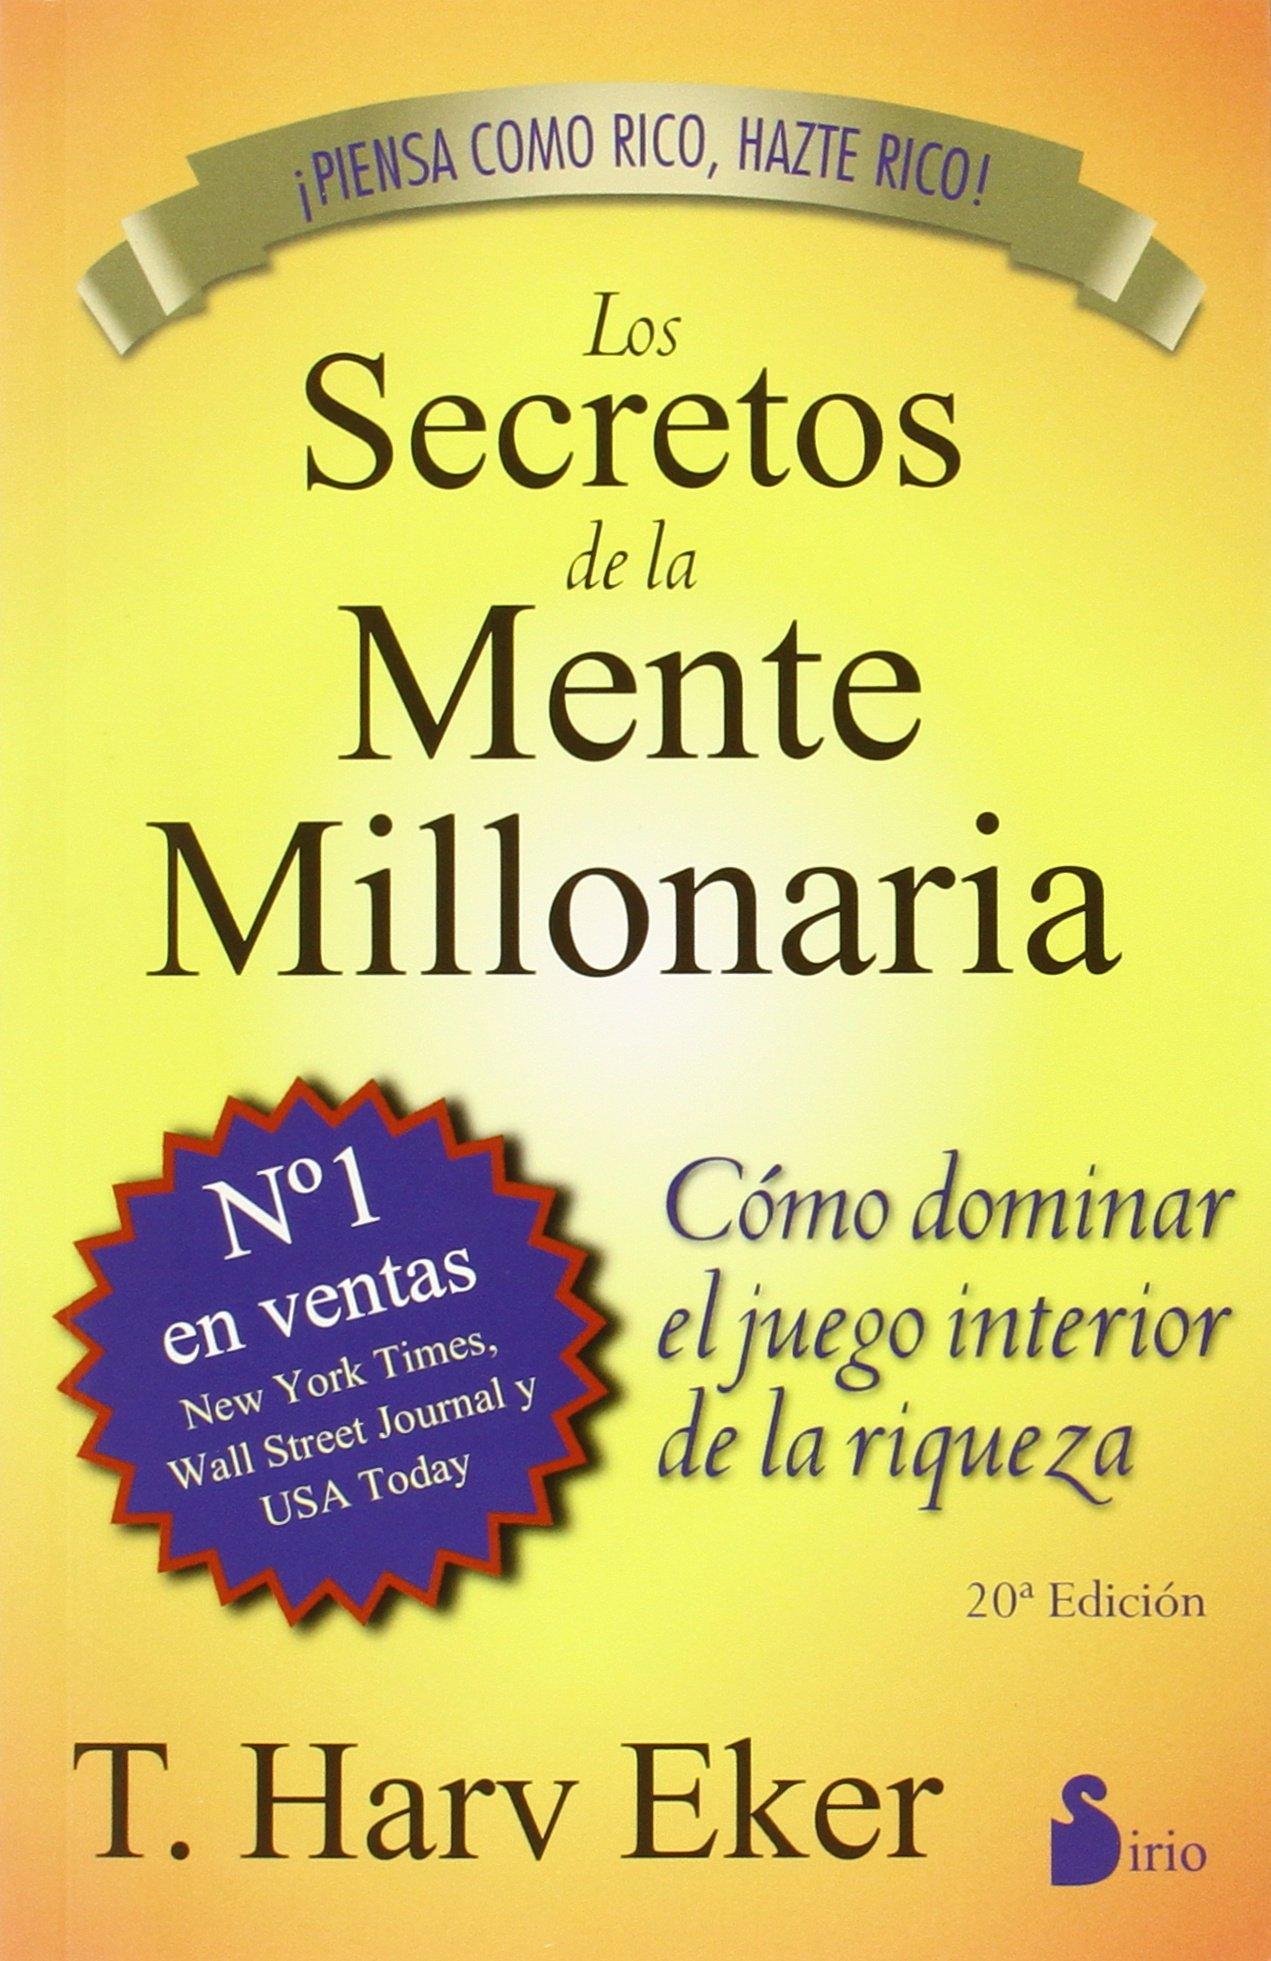 Los secretos de la mente millonaria como dominar el juego interior de a riqueza amazon co uk t harv eker 9788478086085 books